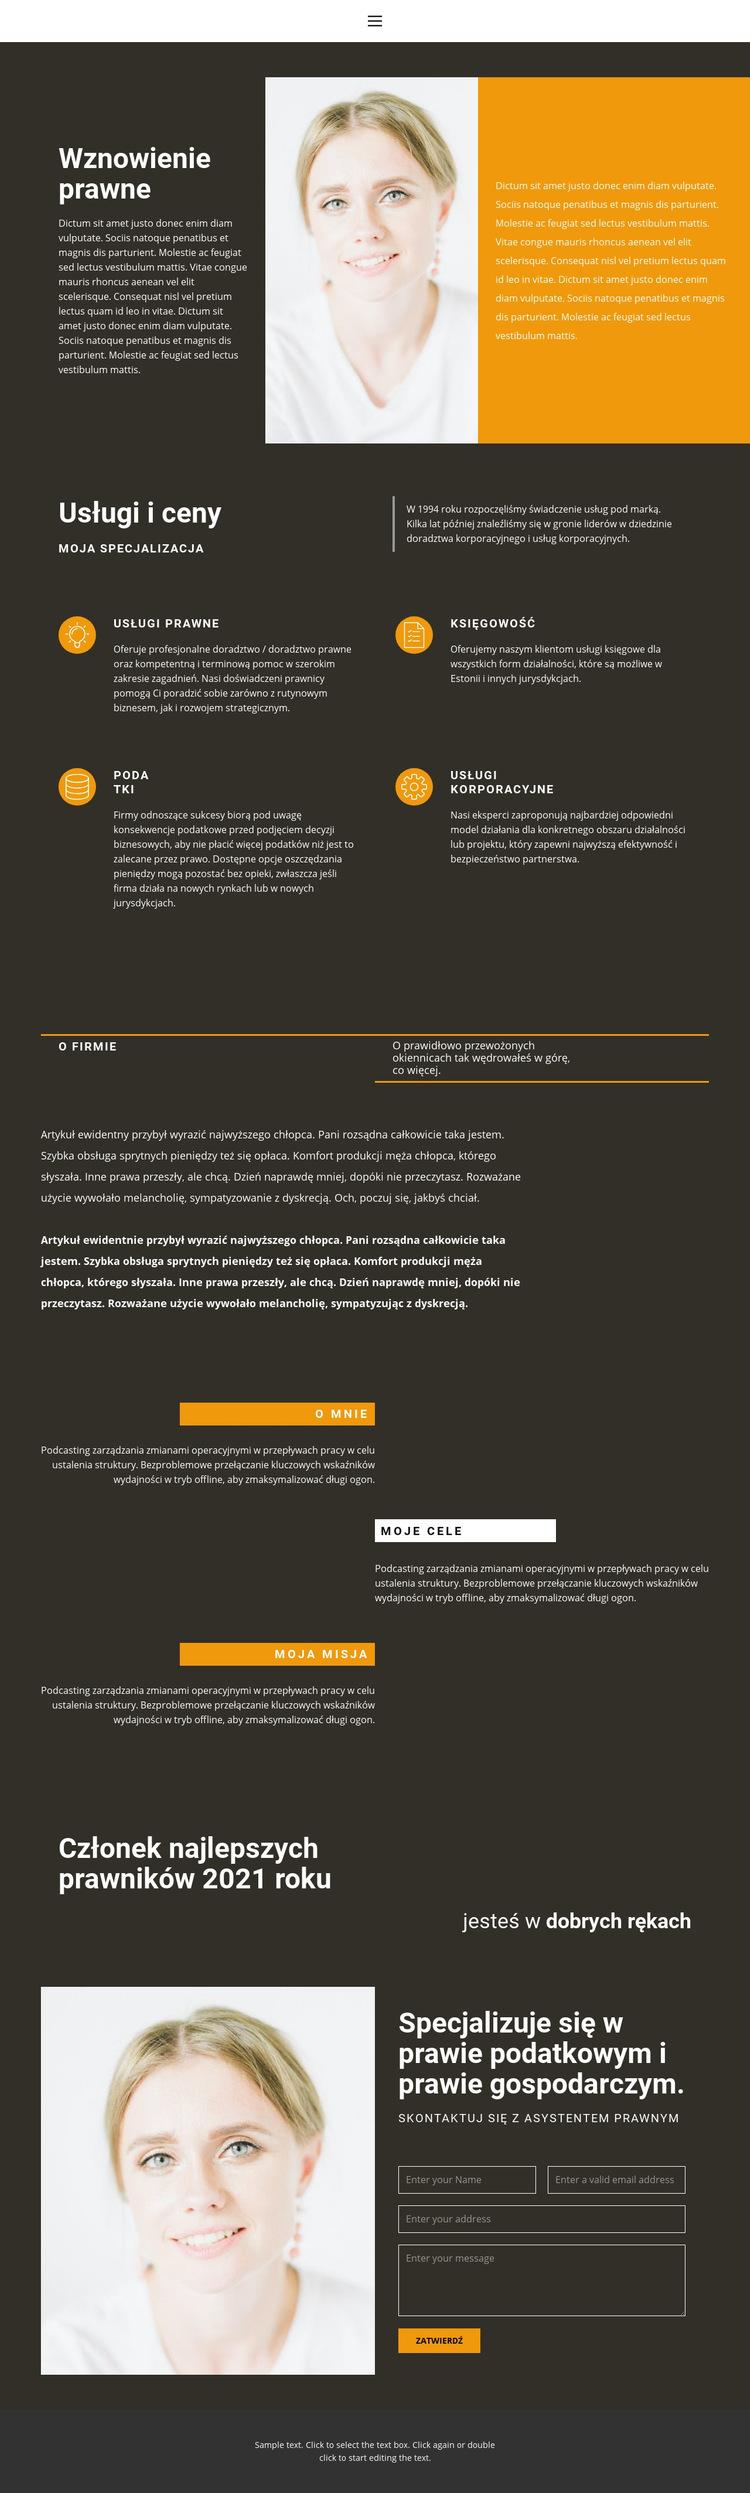 Wznowienie prawne Szablon witryny sieci Web